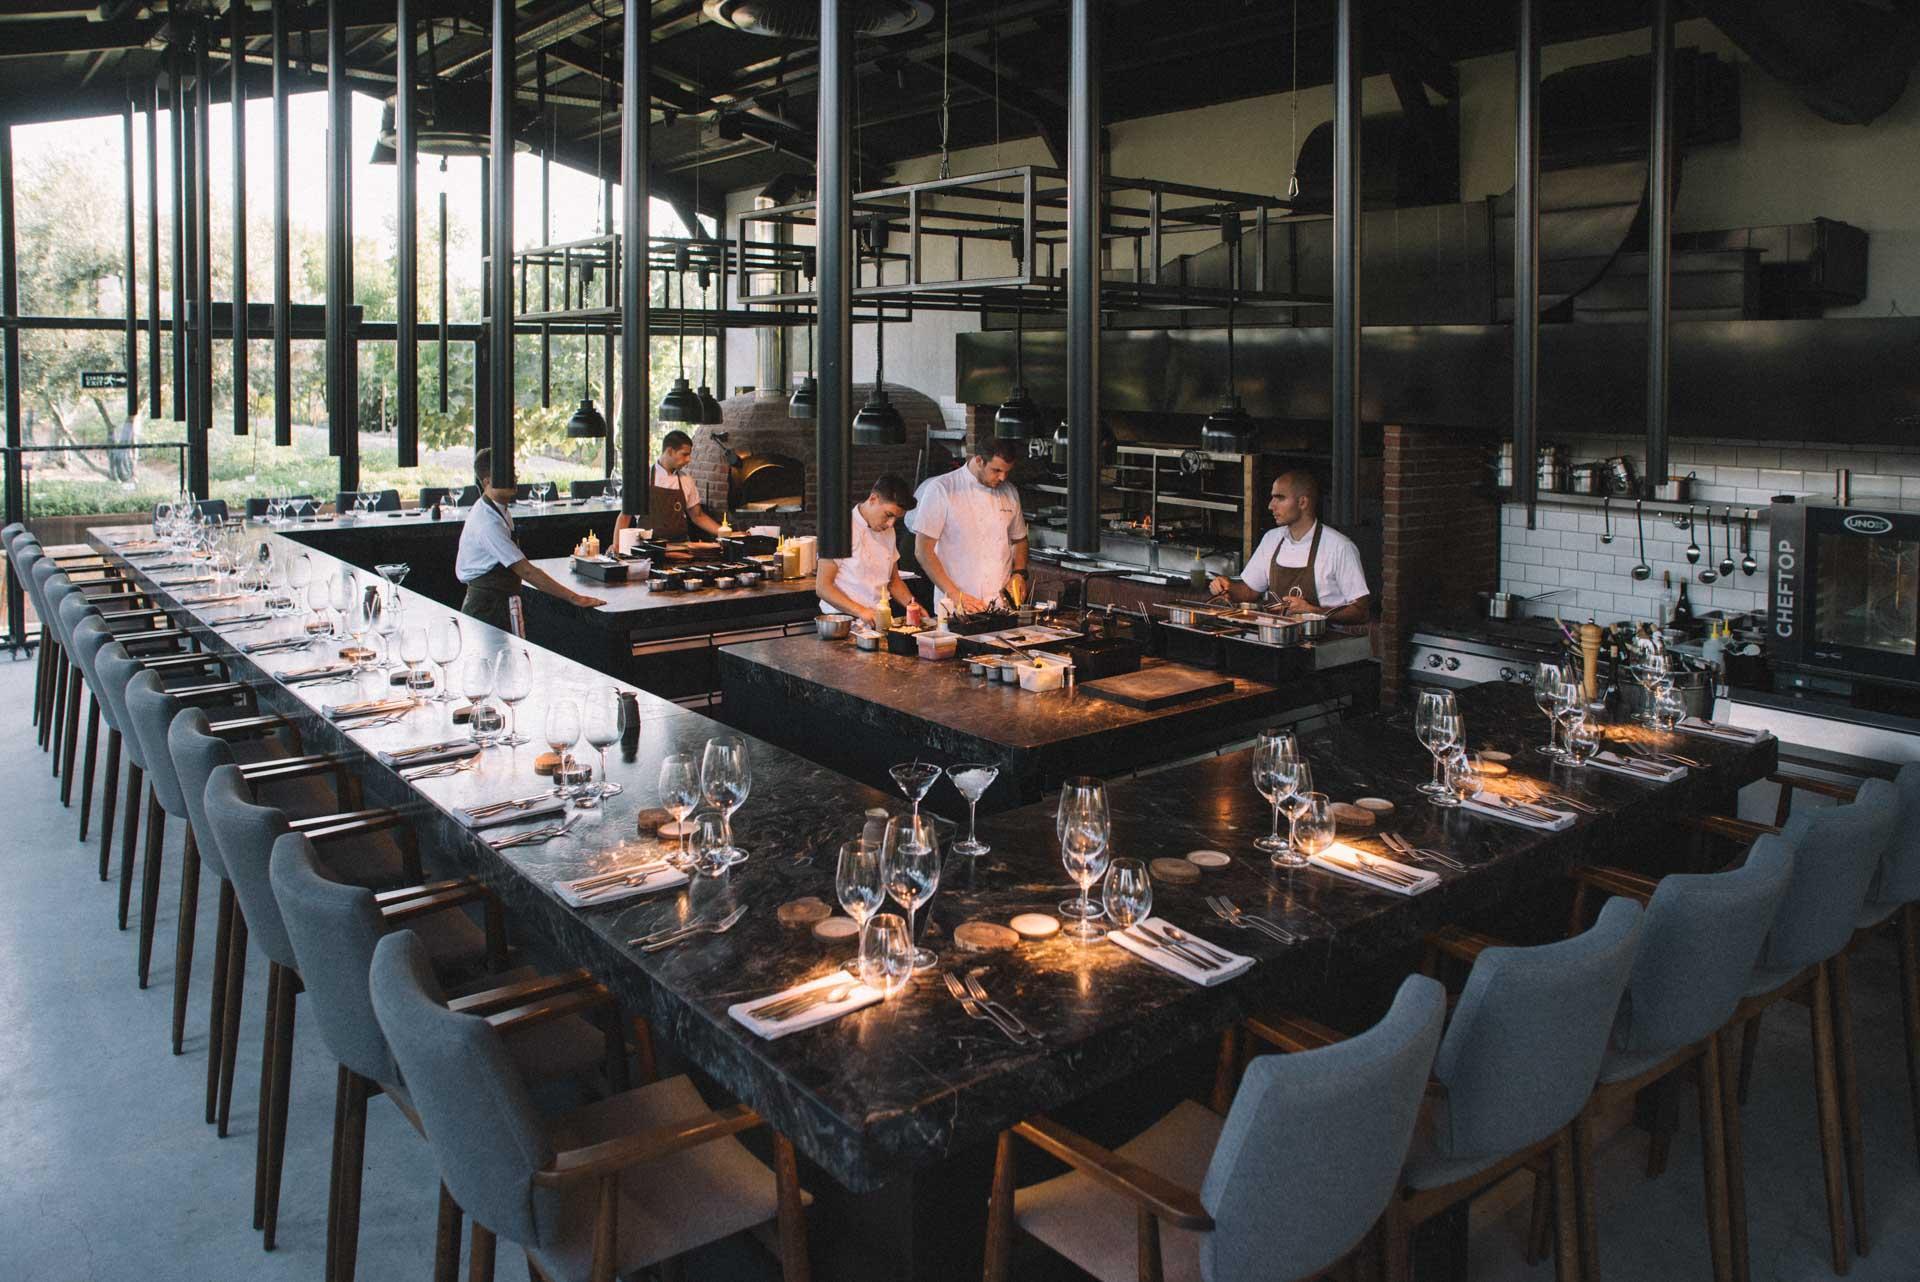 OD Urla - view of the restaurant indoor